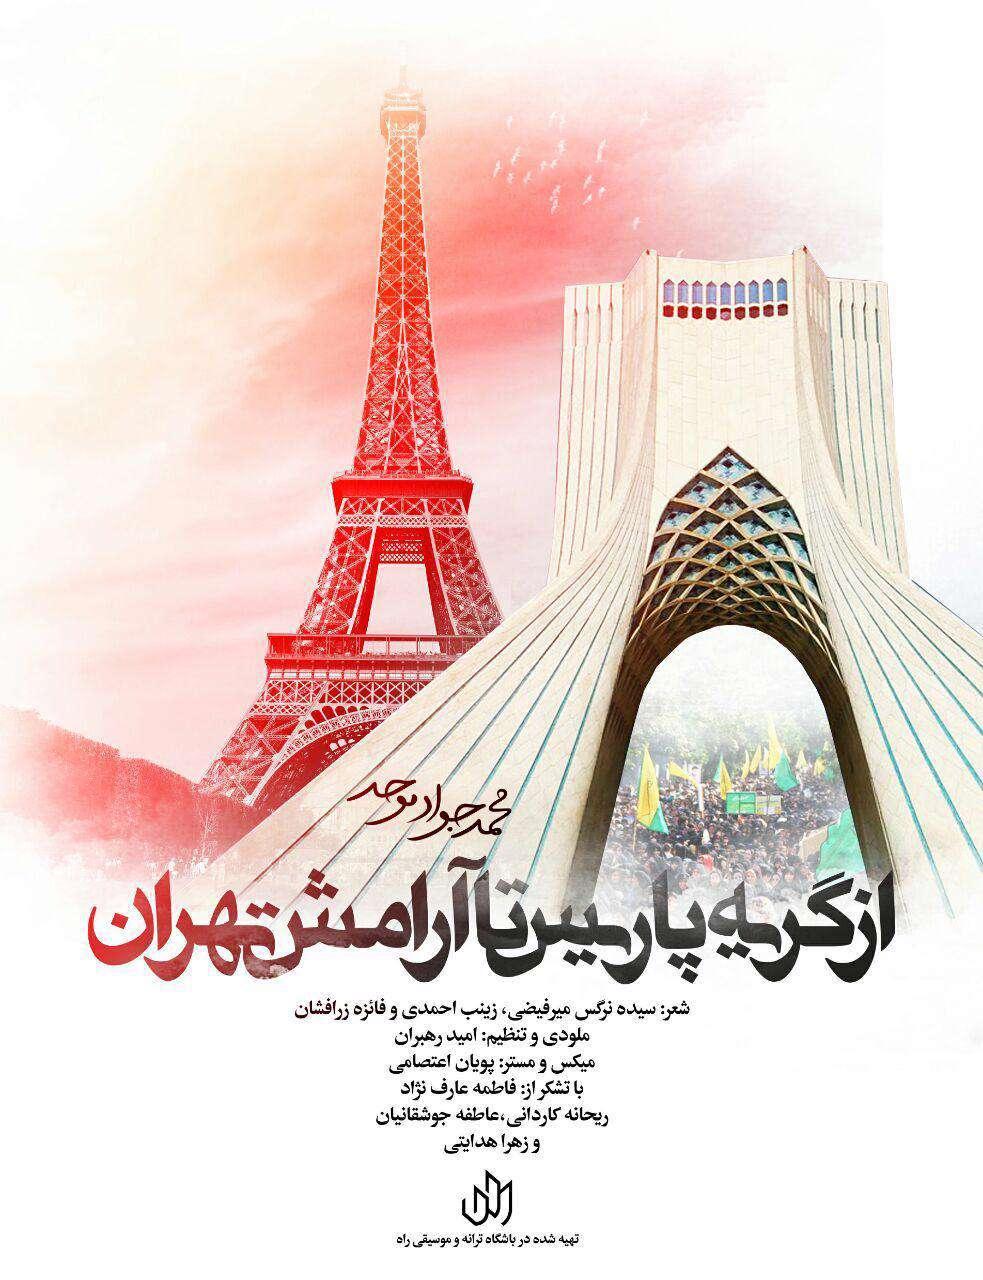 نماهنگی که در پی حملات تروریستی داعش به تهران منتشر شد